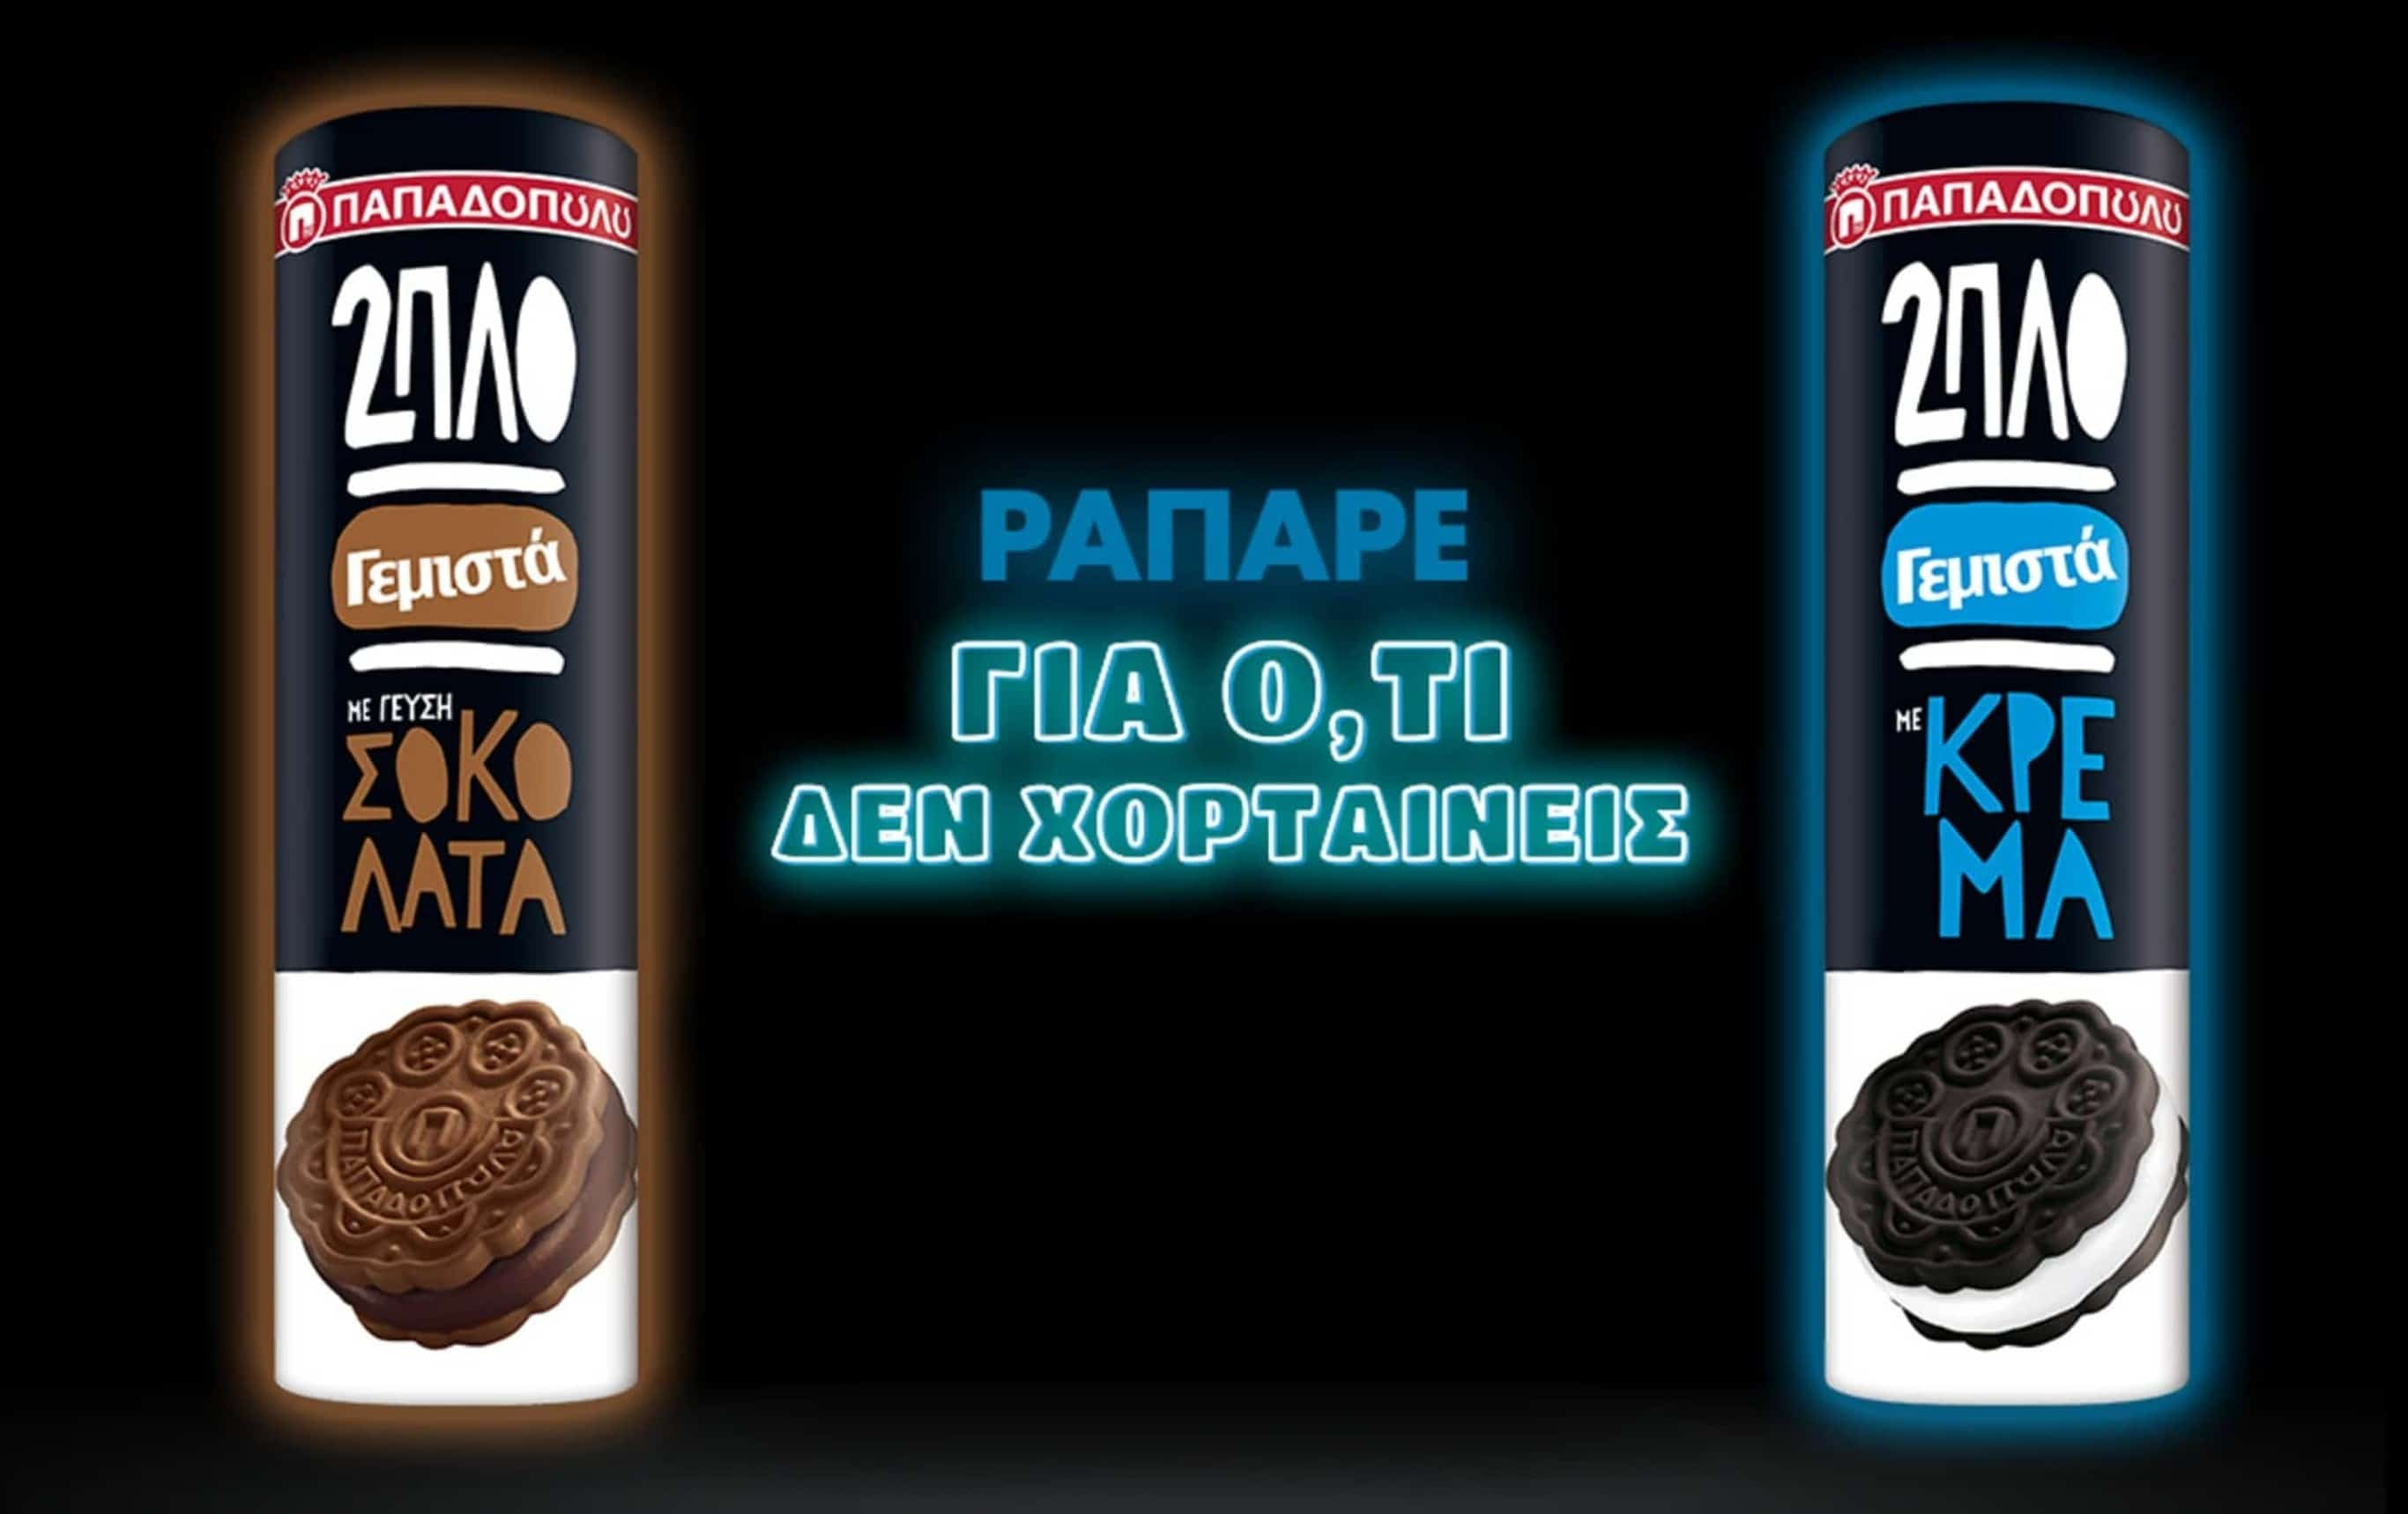 image for 2πλοΓεμιστά Παπαδοπούλου: «ΡΑΠΑΡΕ ΓΙΑ Ο,ΤΙ ΔΕΝ ΧΟΡΤΑΙΝΕΙΣ» & σε video clip με τον 2J δες να μπαίνεις!